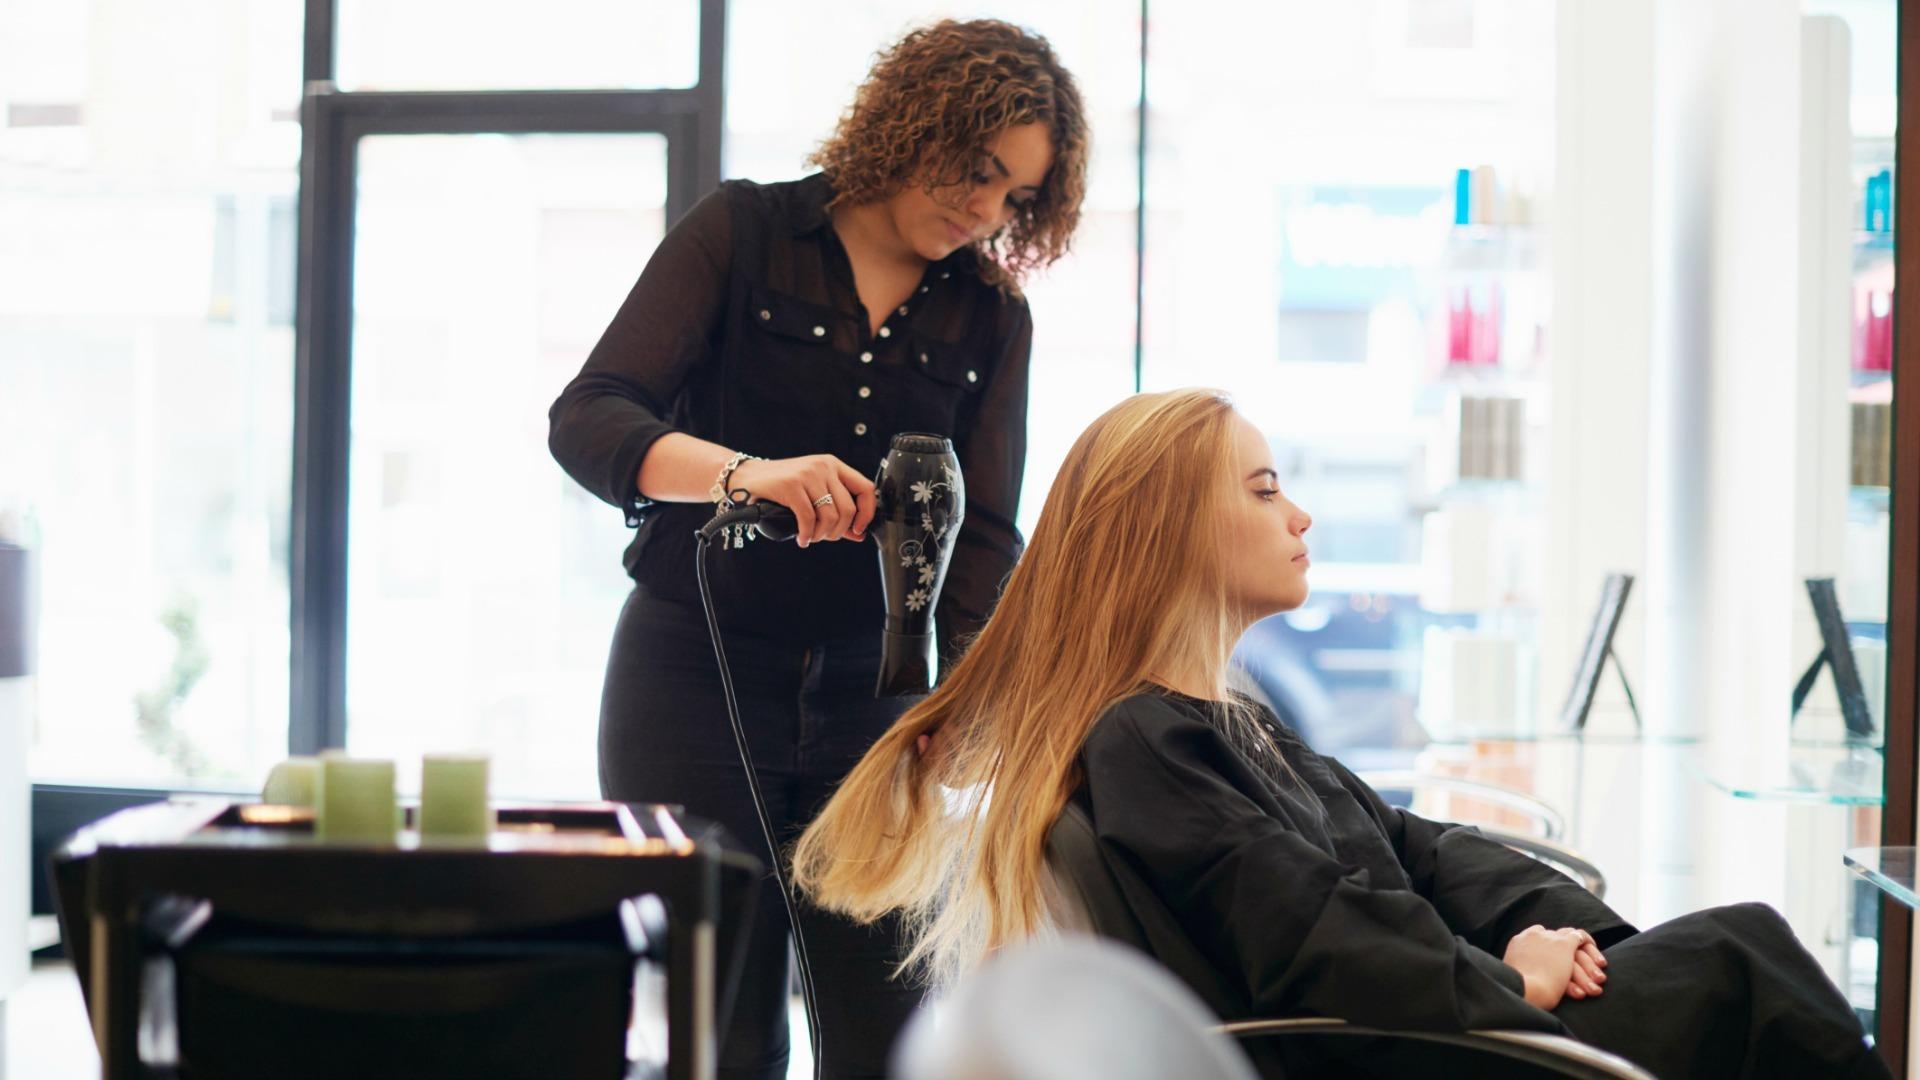 С 25 апреля в Тверской области заработают салоны красоты